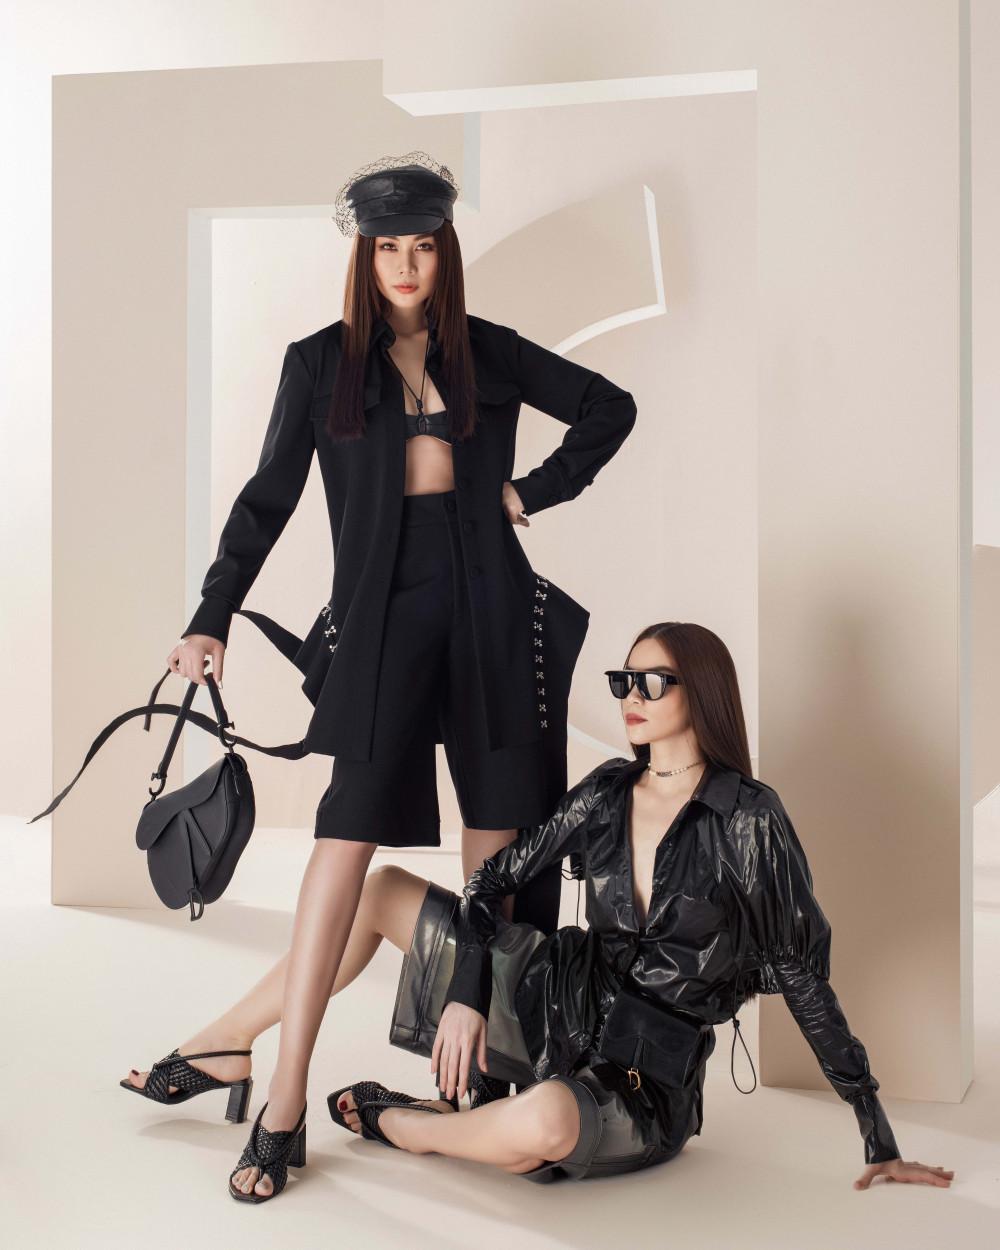 Túi bao tử thời thượng của Dior được Thanh Hằng, Hồ Ngọc Hà kết hợp đồng điệu với hai bộ cánh lấy tông đen làm chủ đạo.